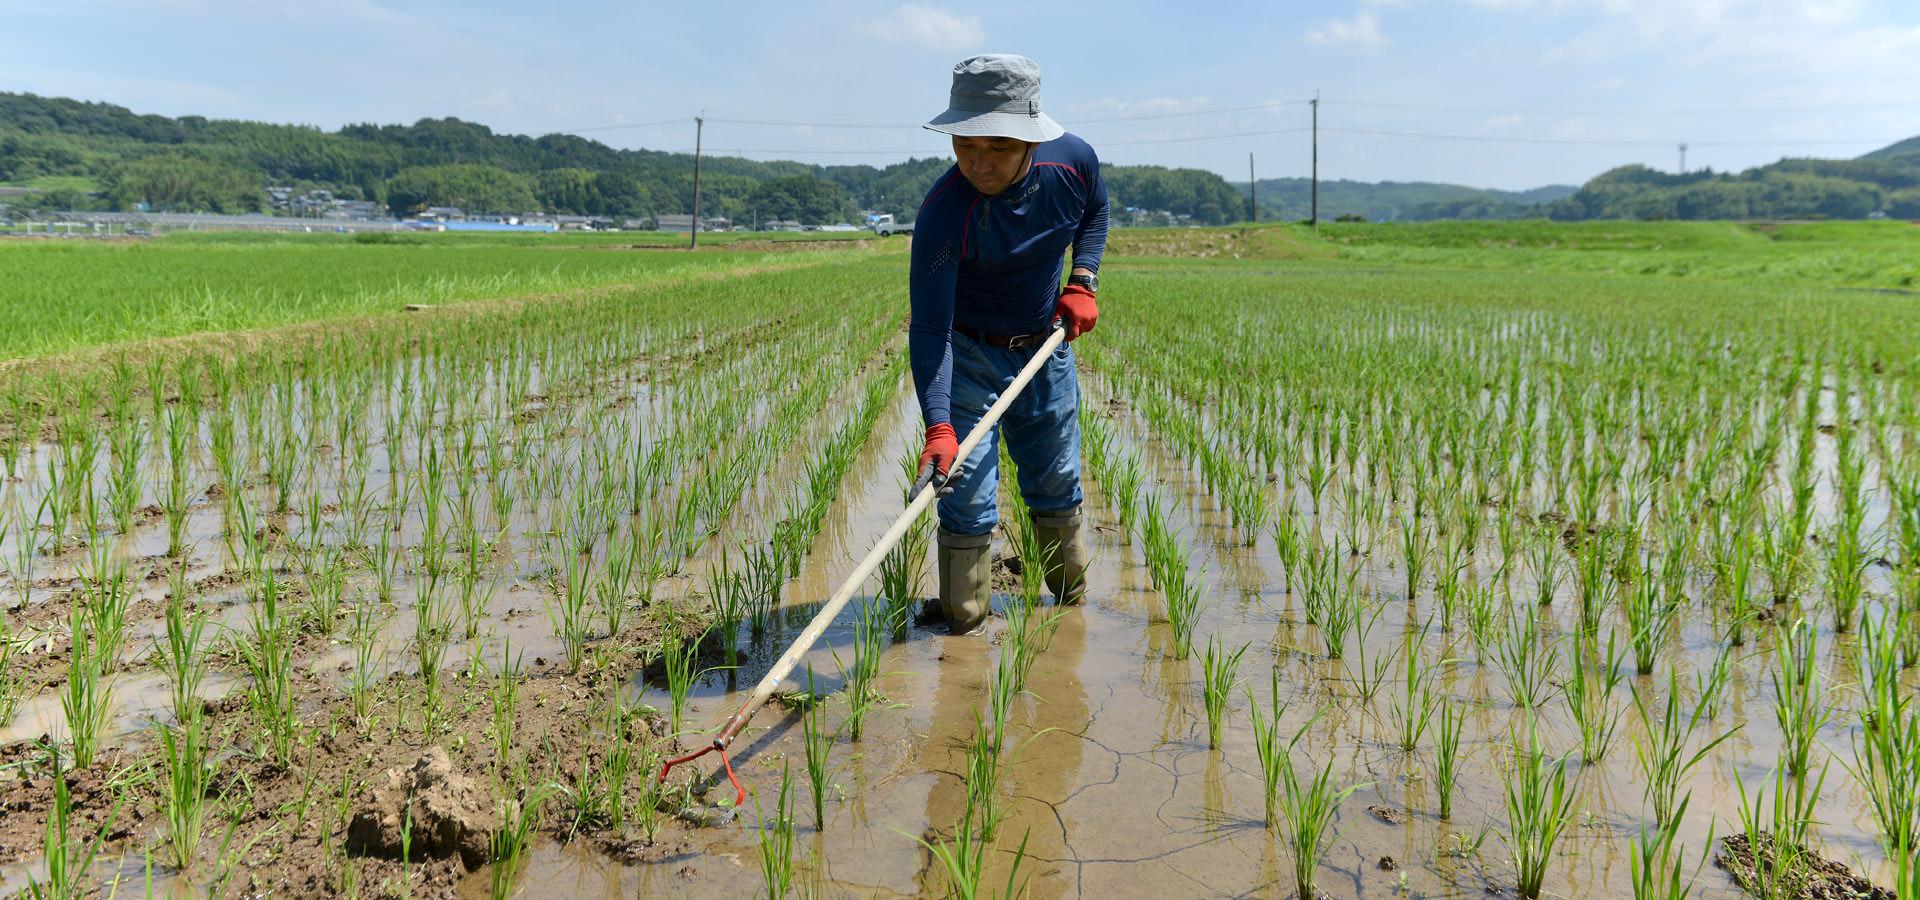 毛利秀幸さんが作る、無農薬・無施肥栽培ヒノヒカリ。